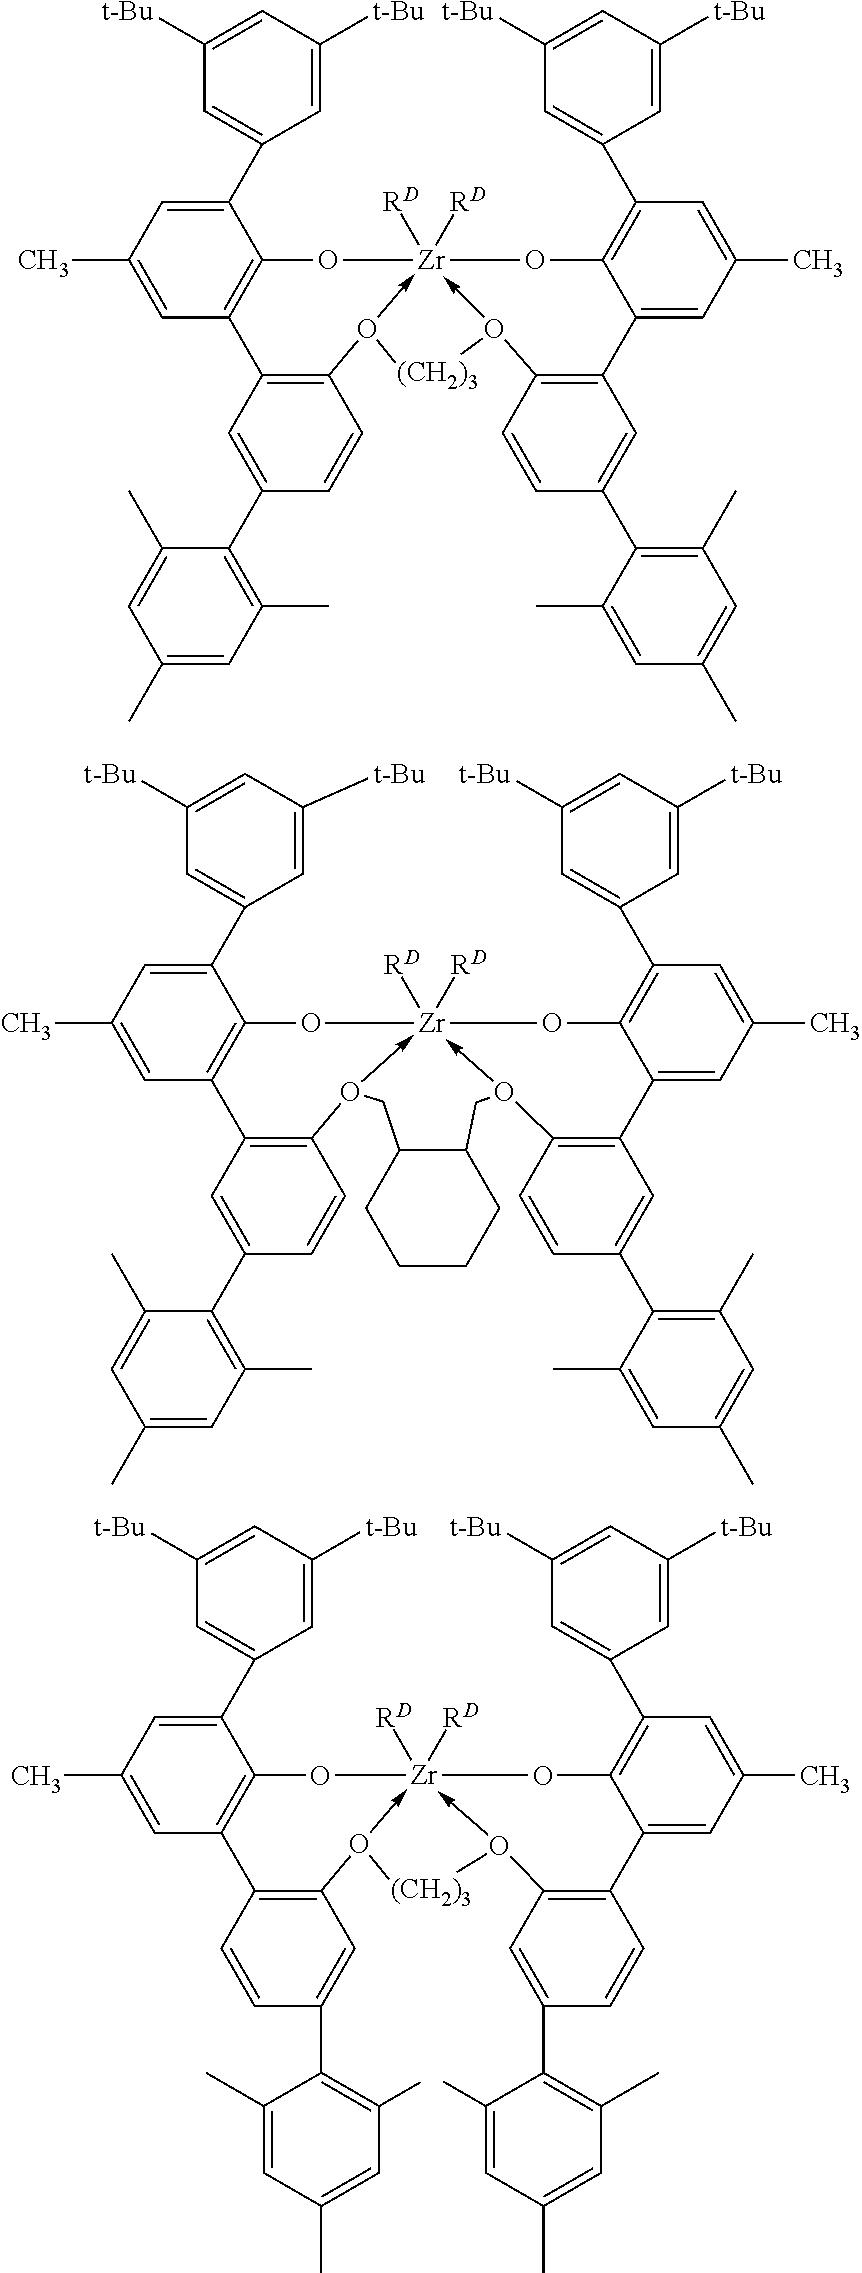 Figure US20120108770A1-20120503-C00047